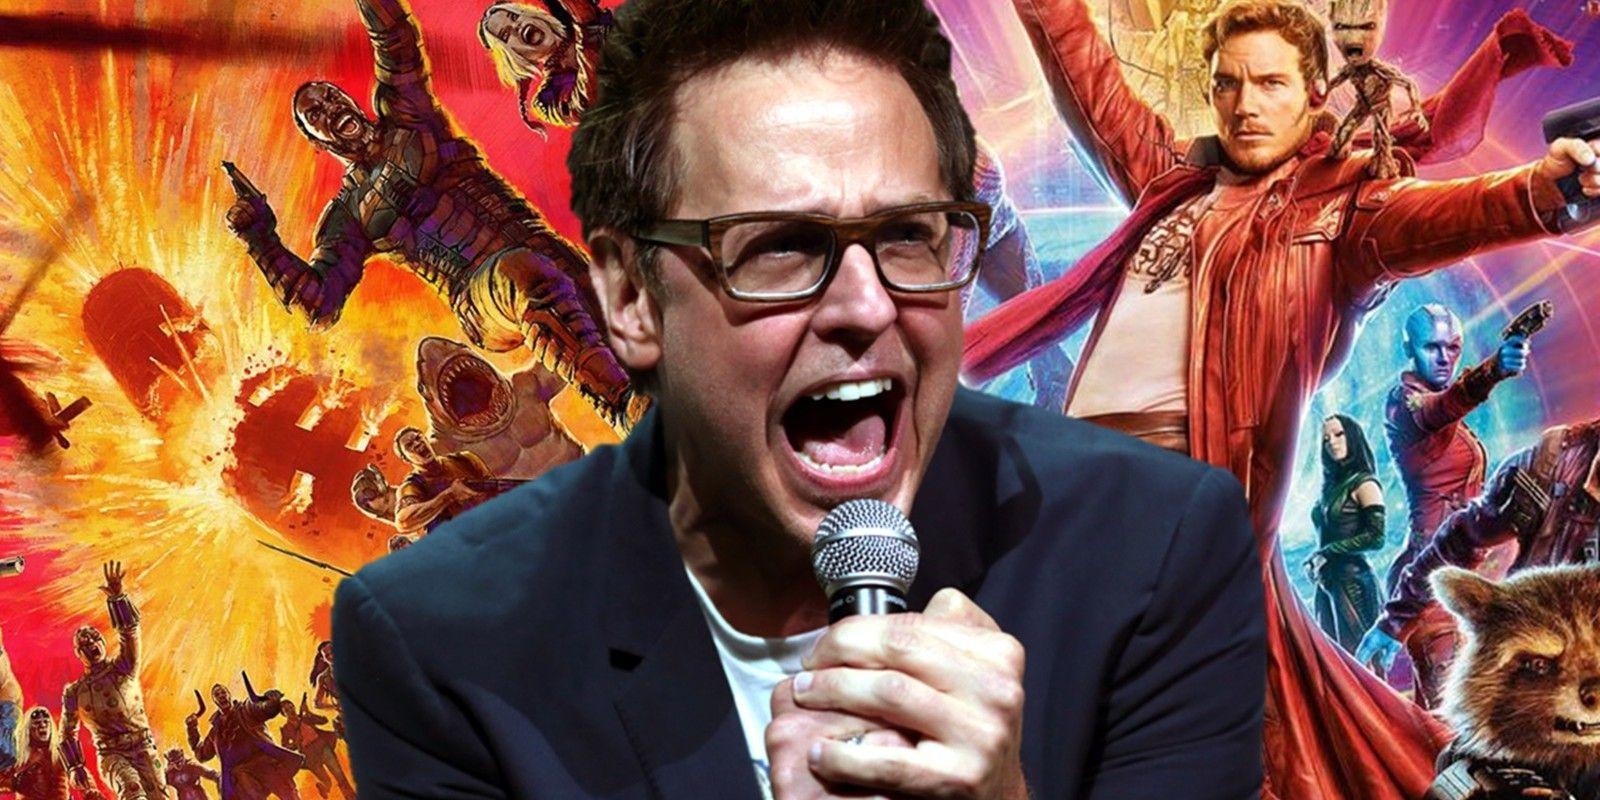 The Suicide Squad: James Gunn Teases Secret Guardians Cast Member Cameo